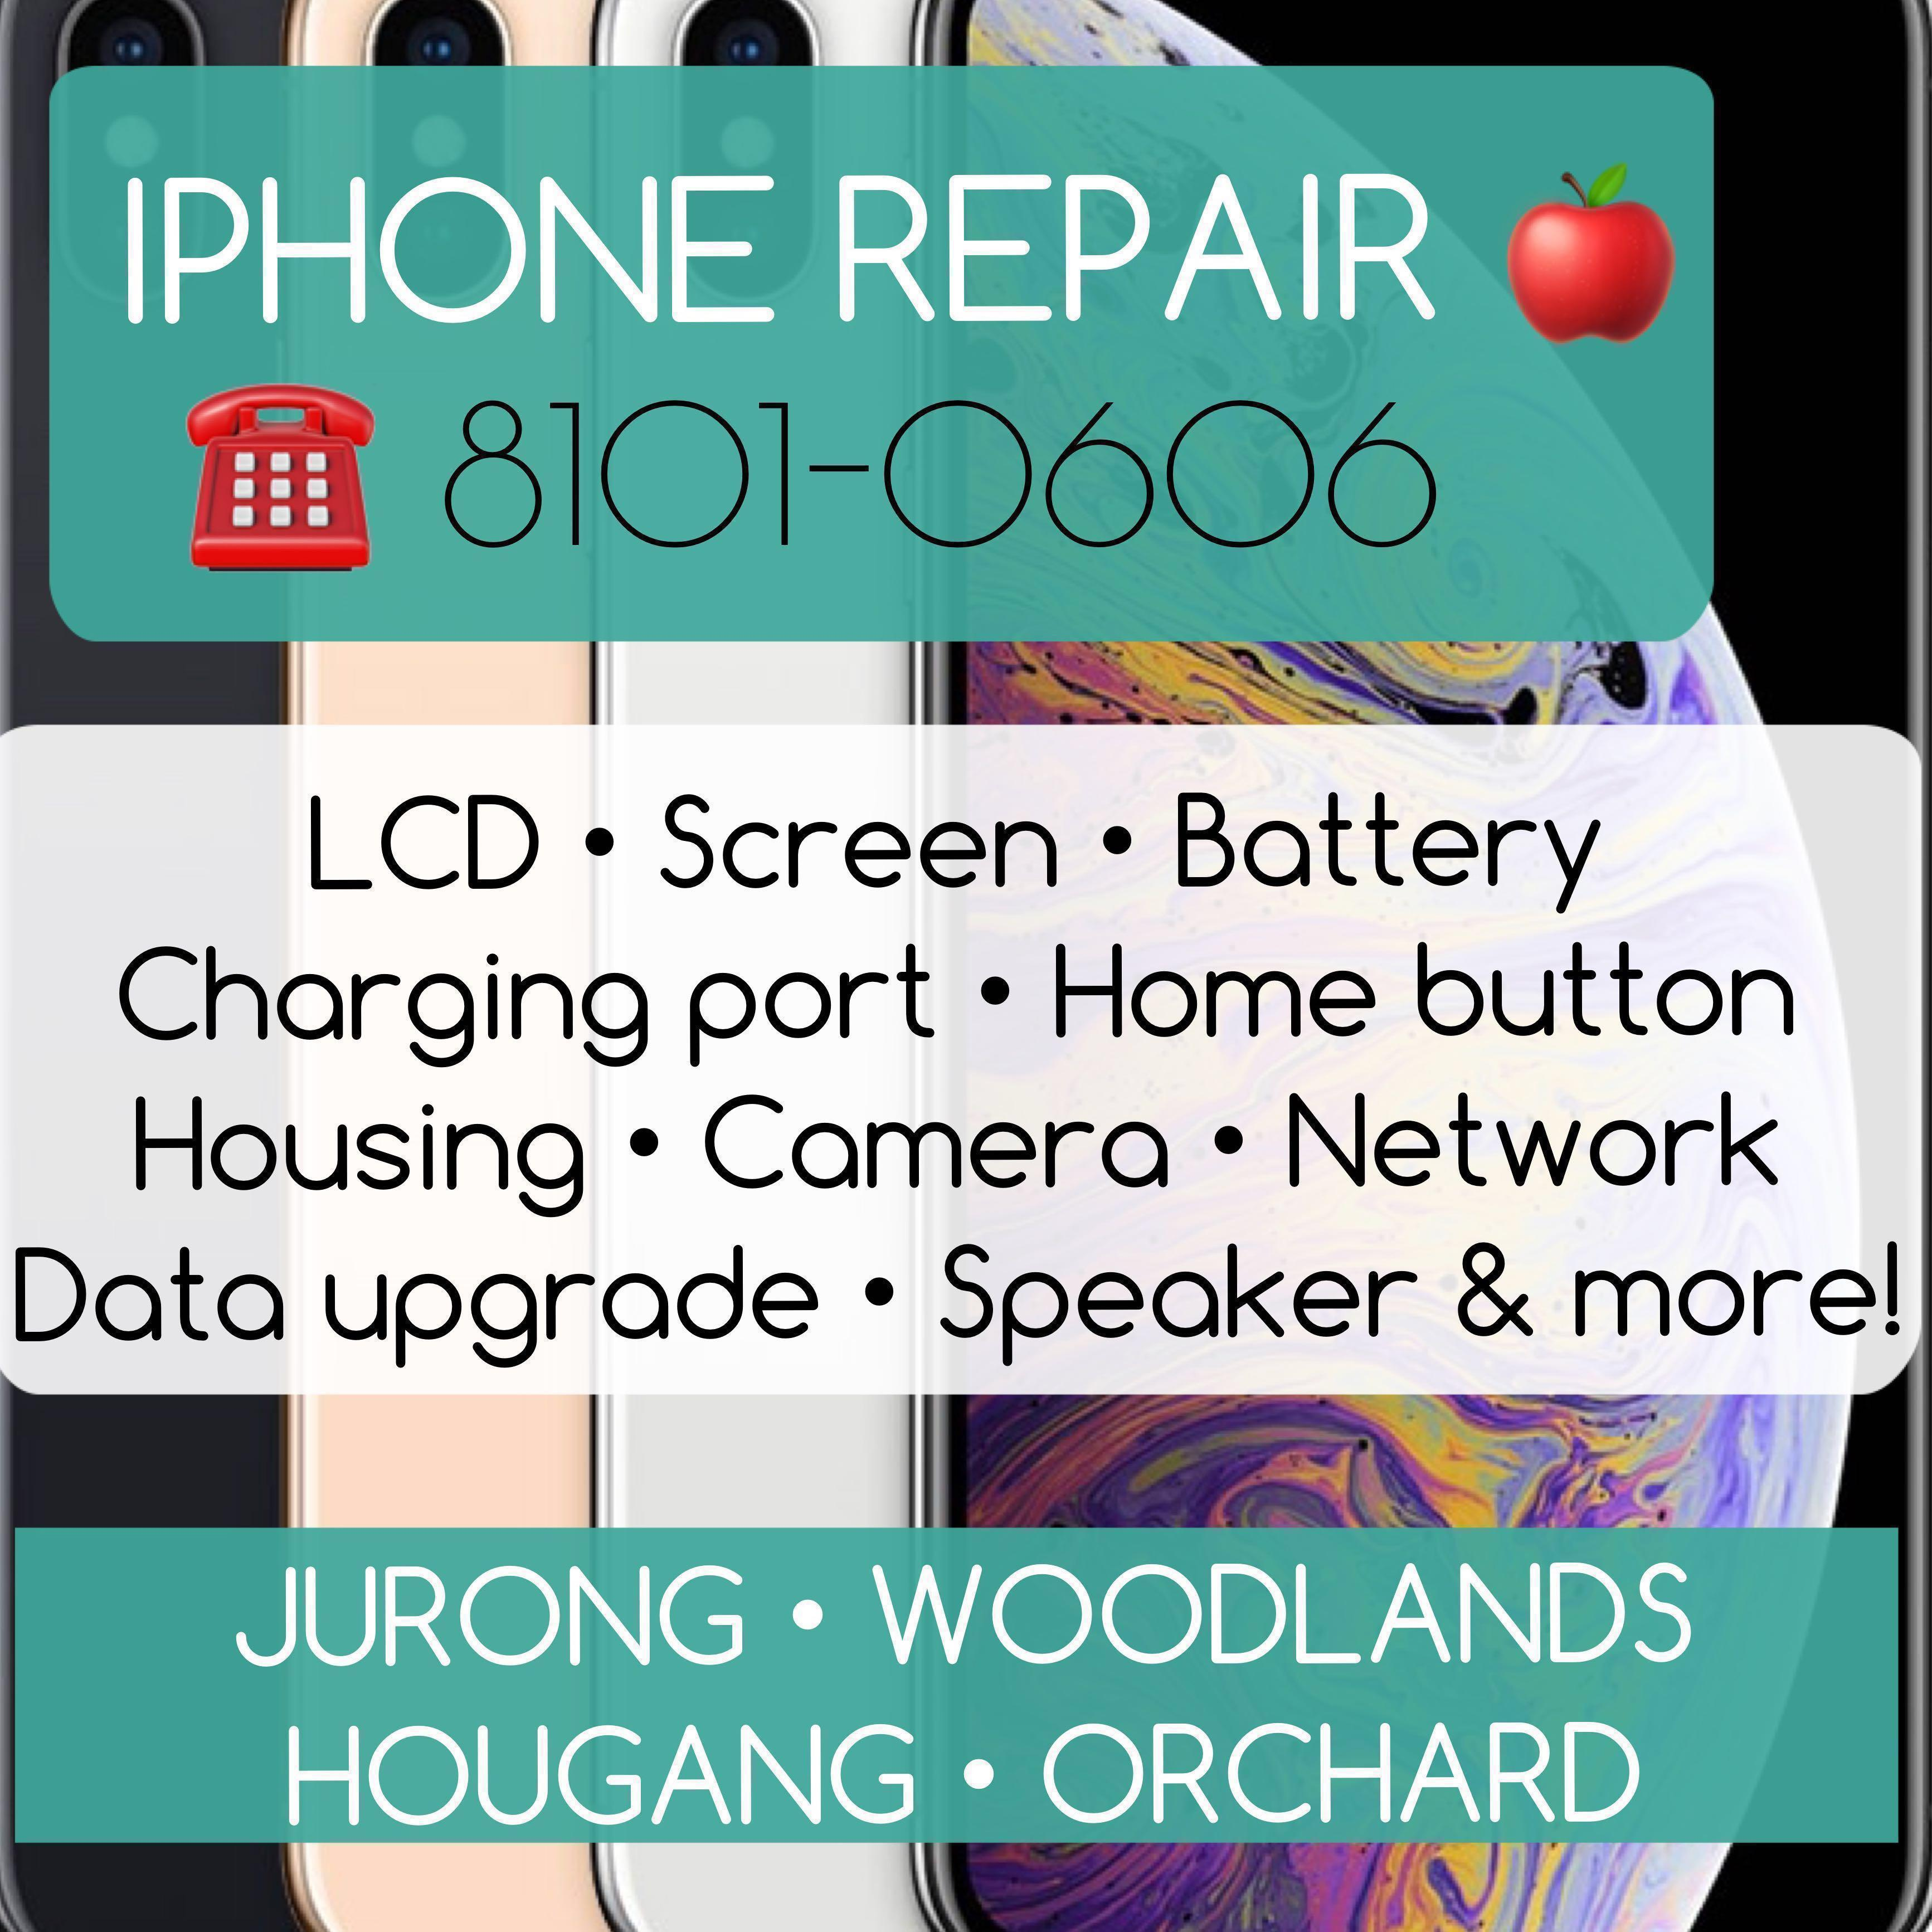 Phone Repair Shop, iPhone Repair, iPad Repair, Mobile Repair